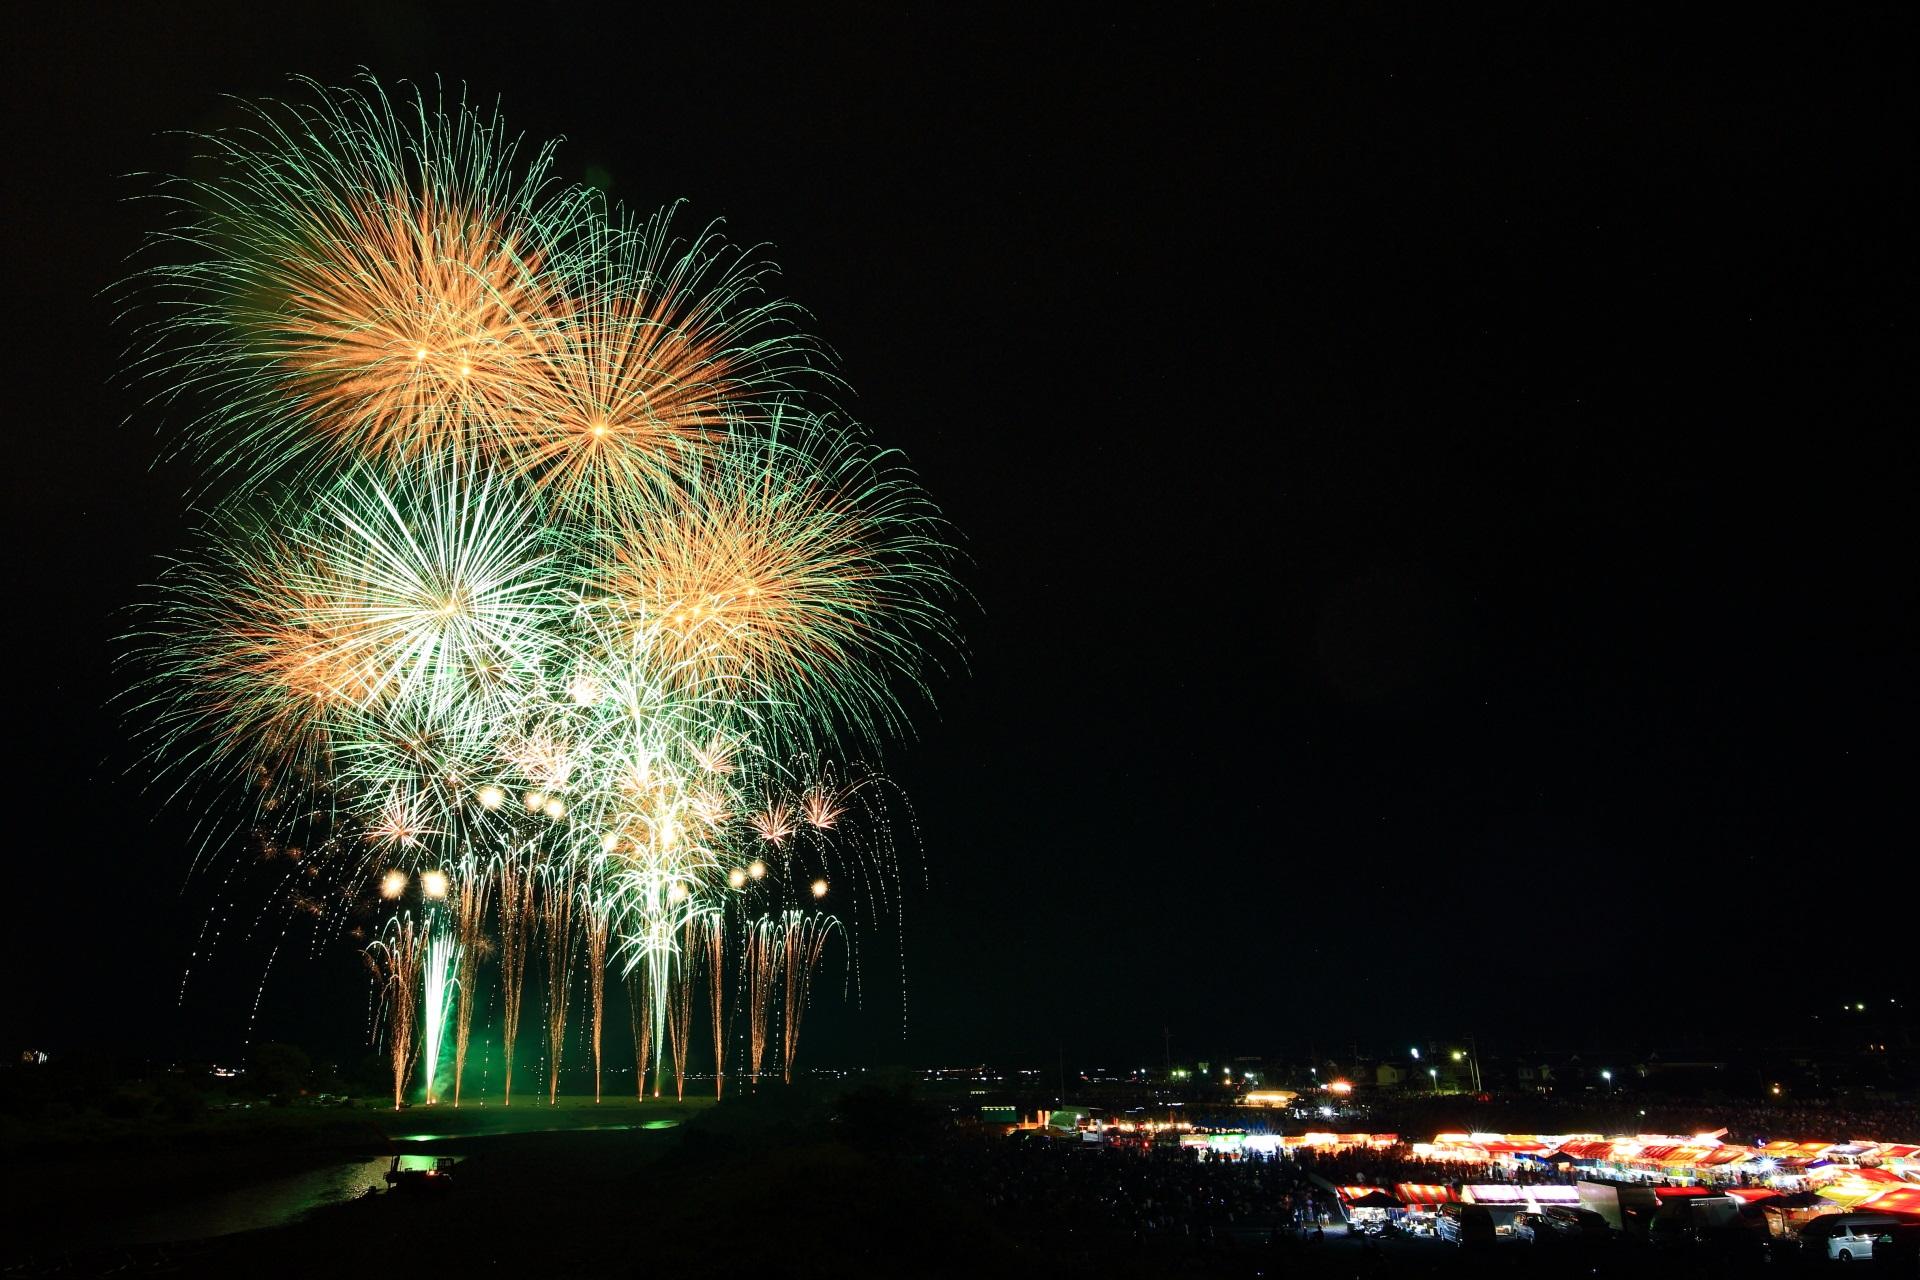 前年より数が増えて約7,000発の花火が打ち上げられる亀岡花火大会